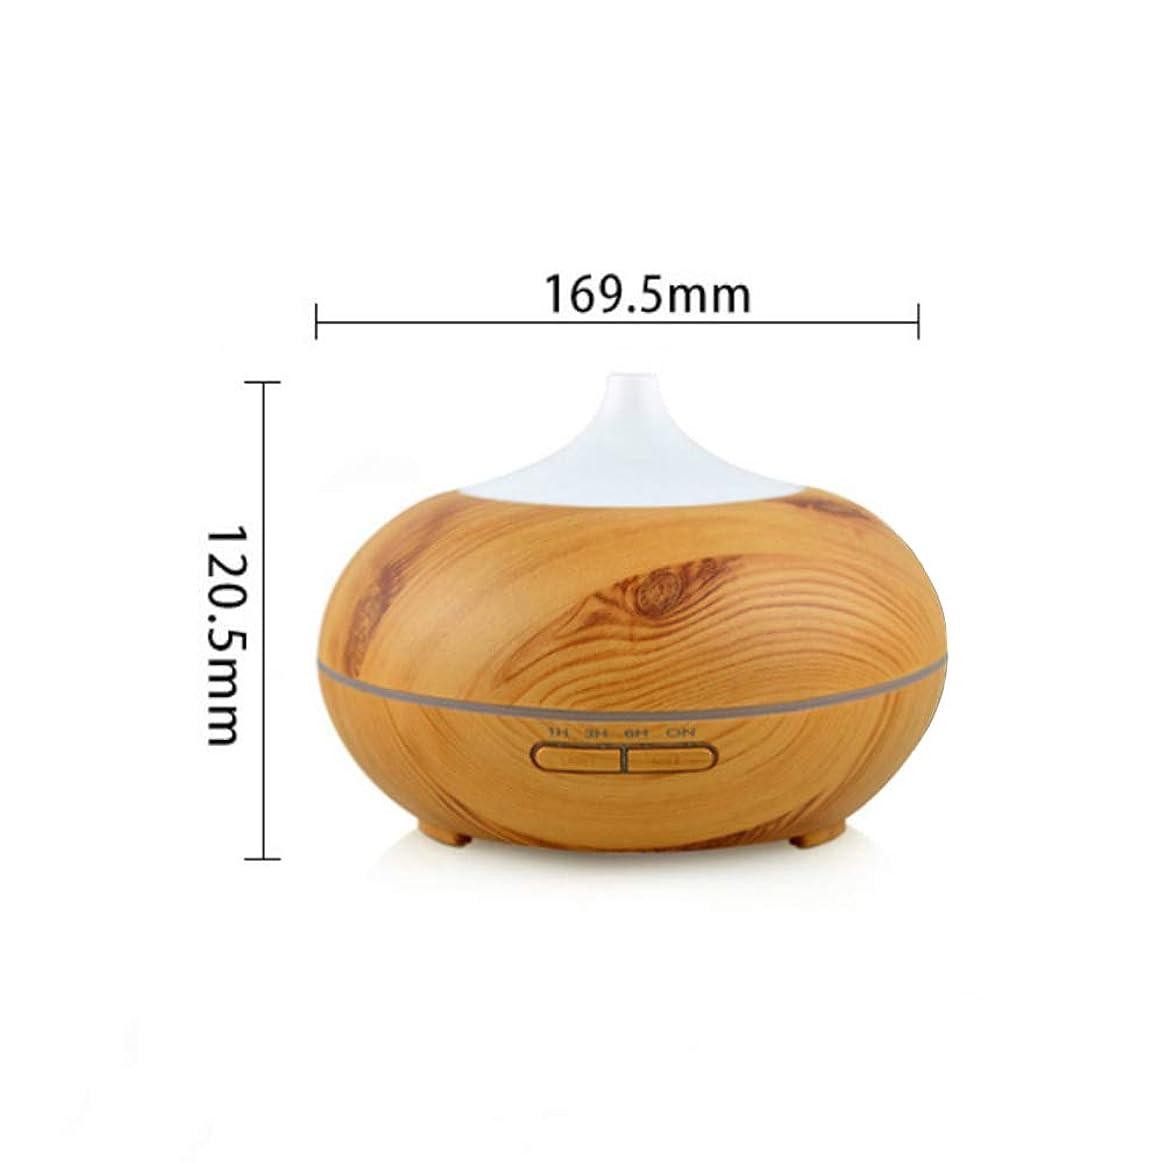 レキシコンフェデレーション作者木目 涼しい霧 加湿器,7 色 空気を浄化 加湿機 時間 手動 Wifiアプリコントロール 精油 ディフューザー アロマネブライザー Yoga- 300ml